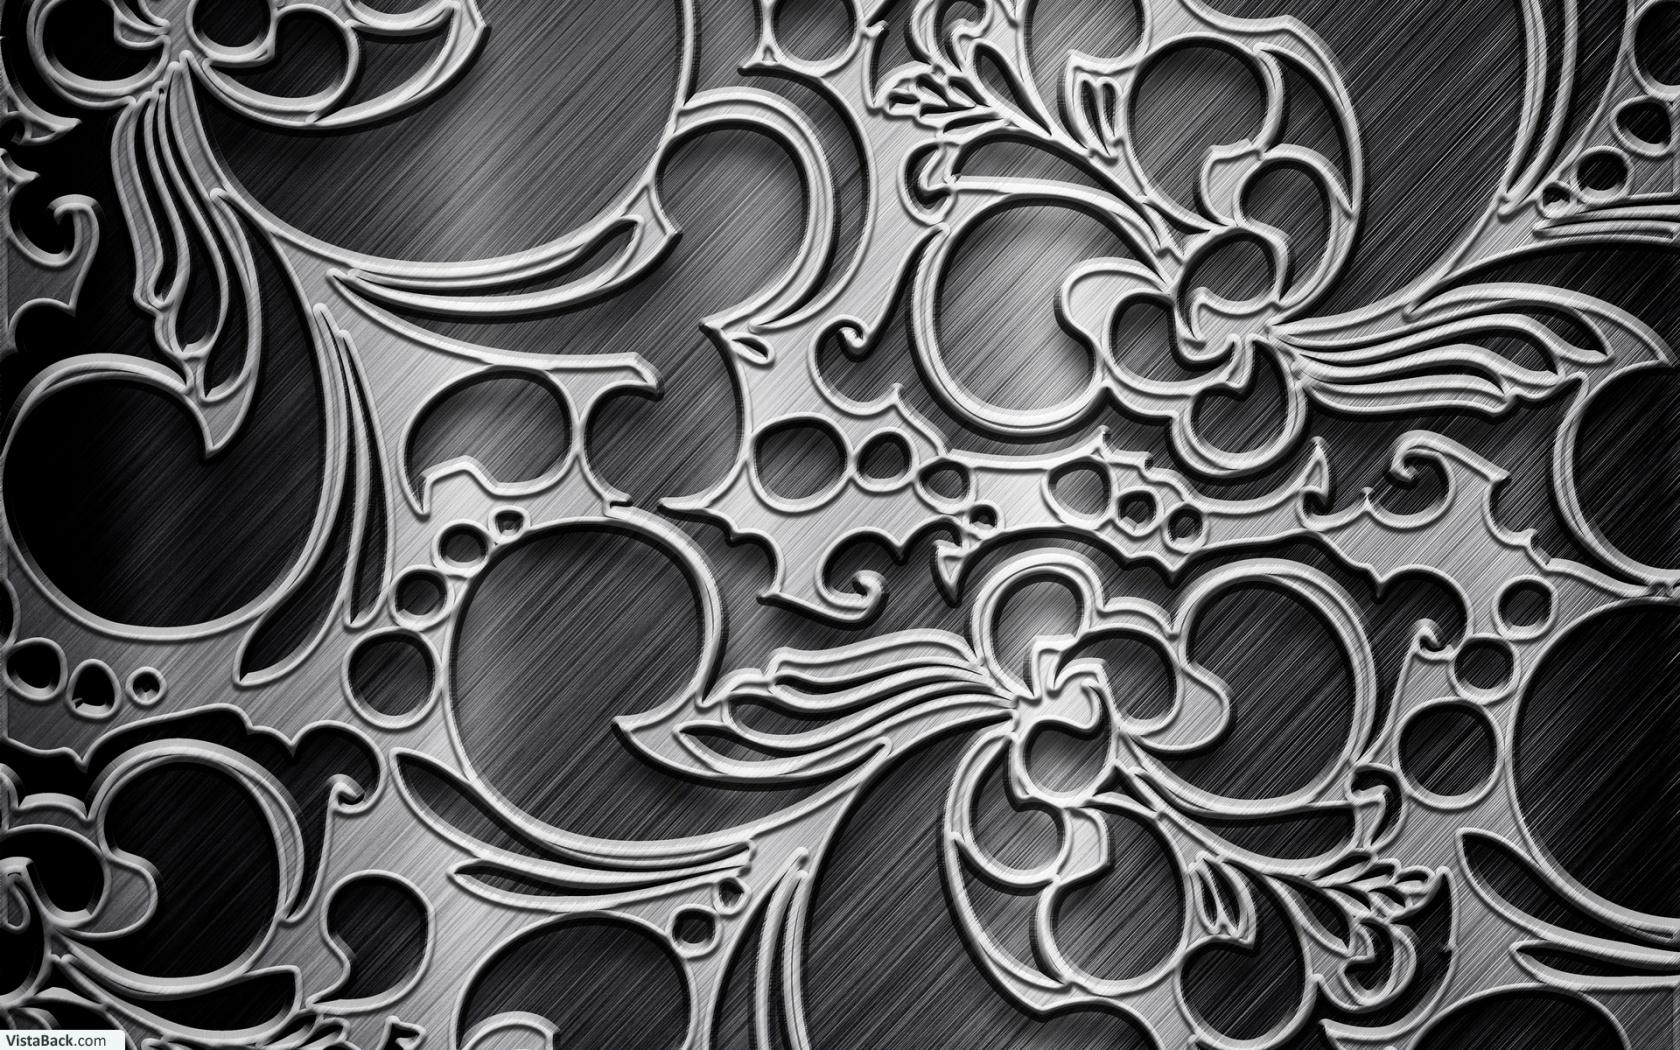 Metallic Black Silver Pattern Wallpaper 1680x1050 Full HD Wallpapers 1680x1050